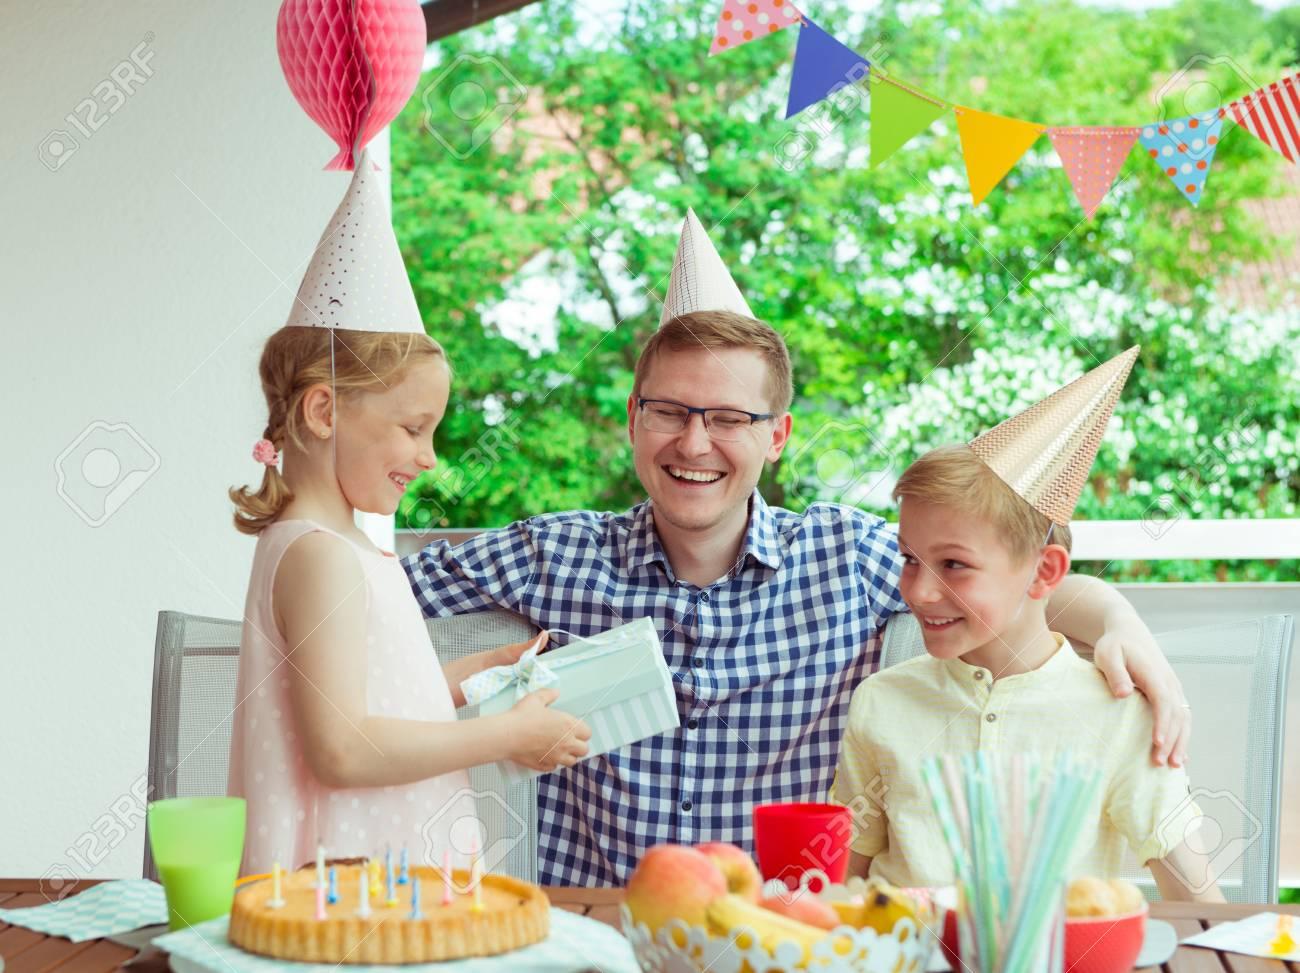 Retrato De Feliz Joven Familia Celebrar Cumpleaños En La Terraza Muy Decorada